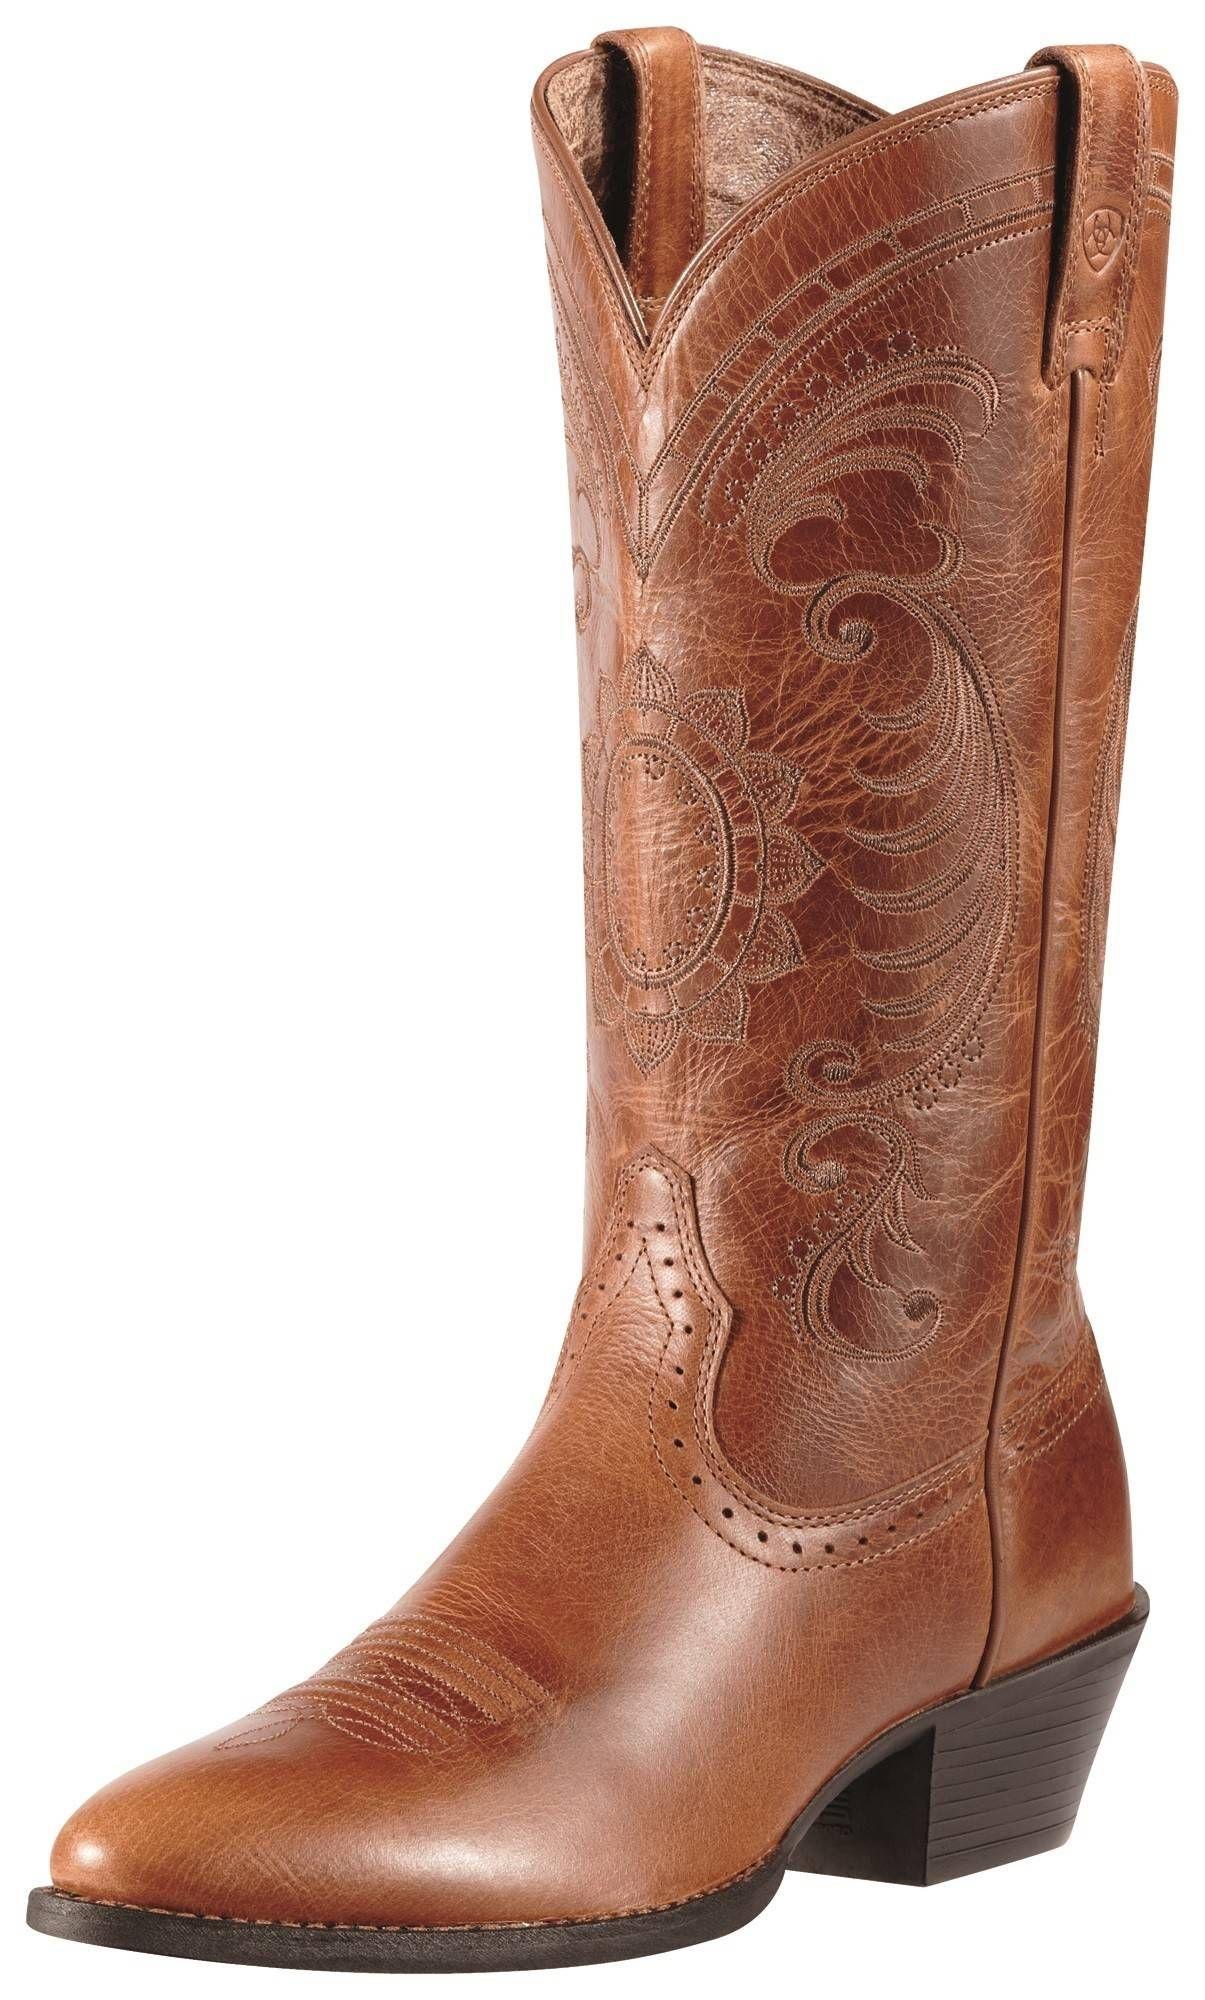 7a6fb3f3a3 Women s Ariat Magnolia Boots Vintage Caramel  10010971